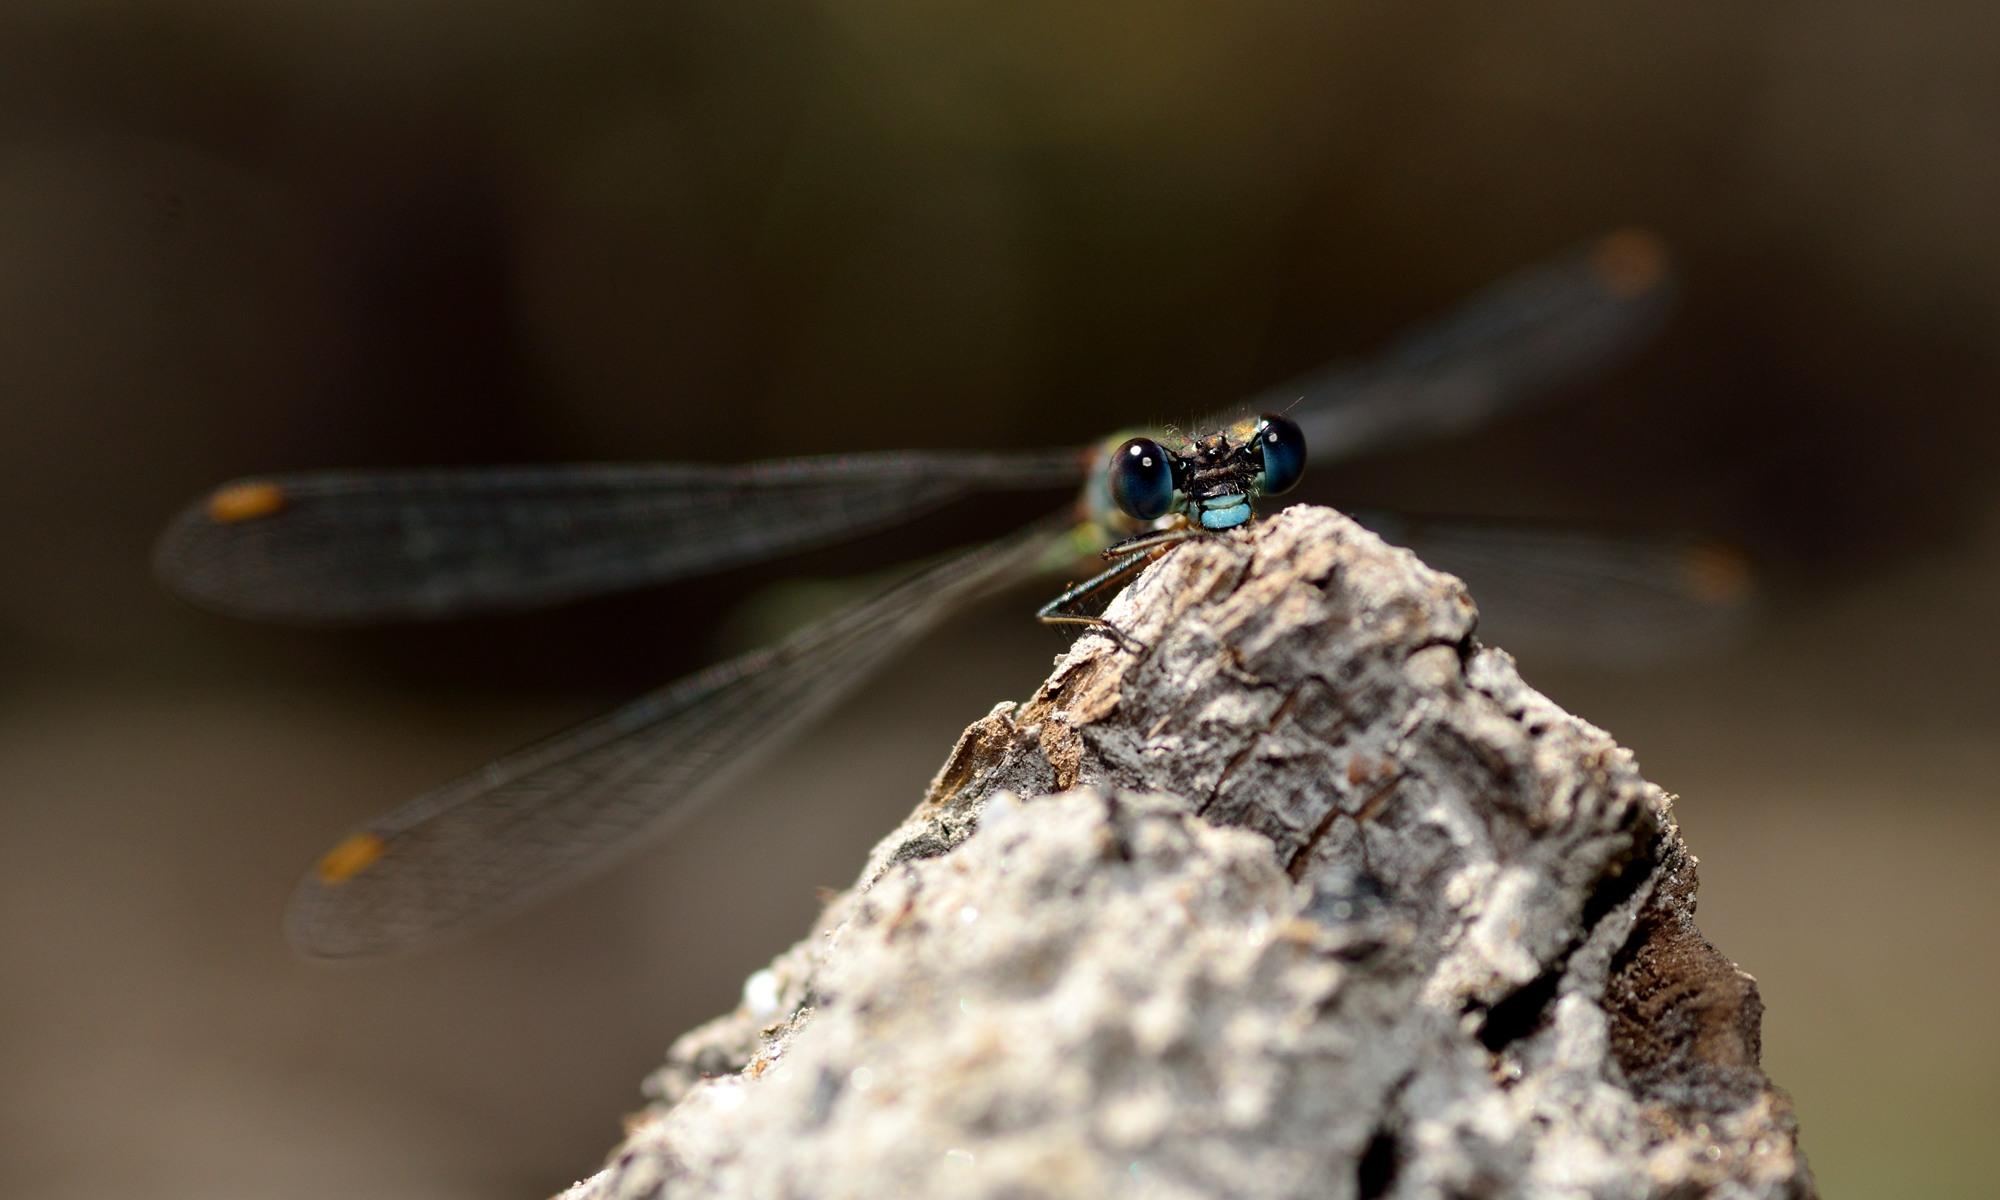 Lestidae - Teichjungfern